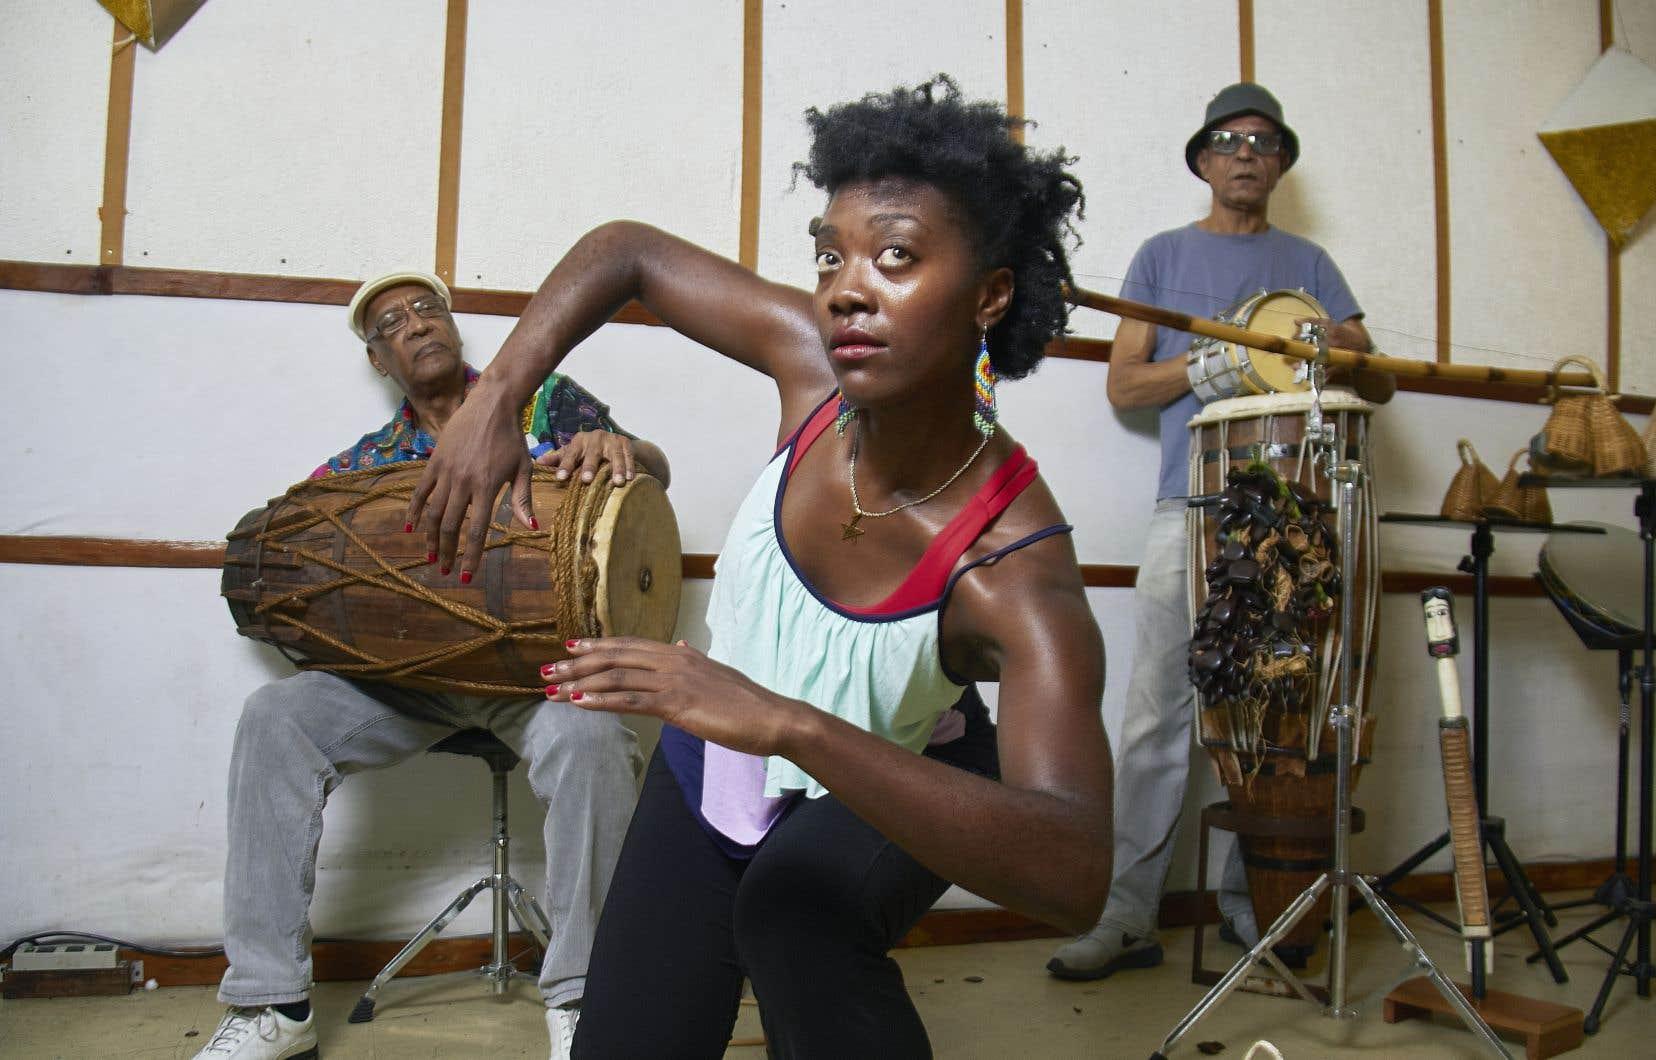 La chorégraphe Rhodnie Désir explore comment les cultures et rythmes africains ont été essaimés dans les Amériques.